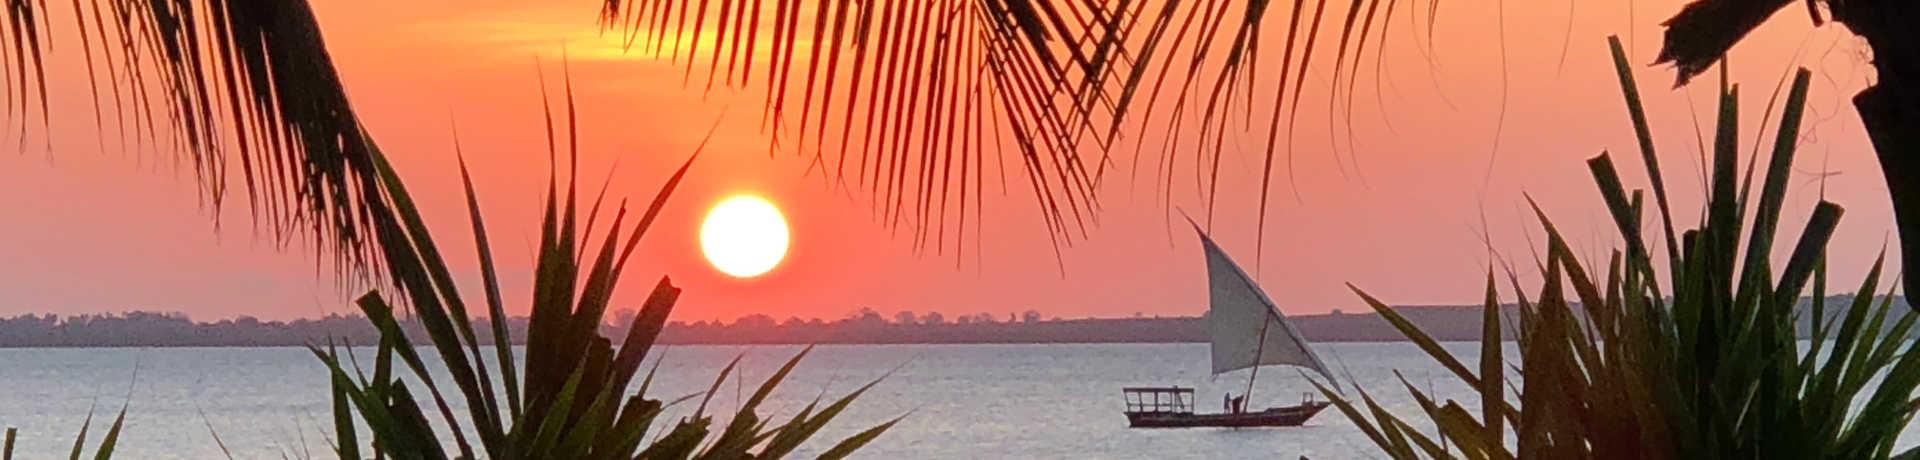 sunset-cruise-villa-zanzibar